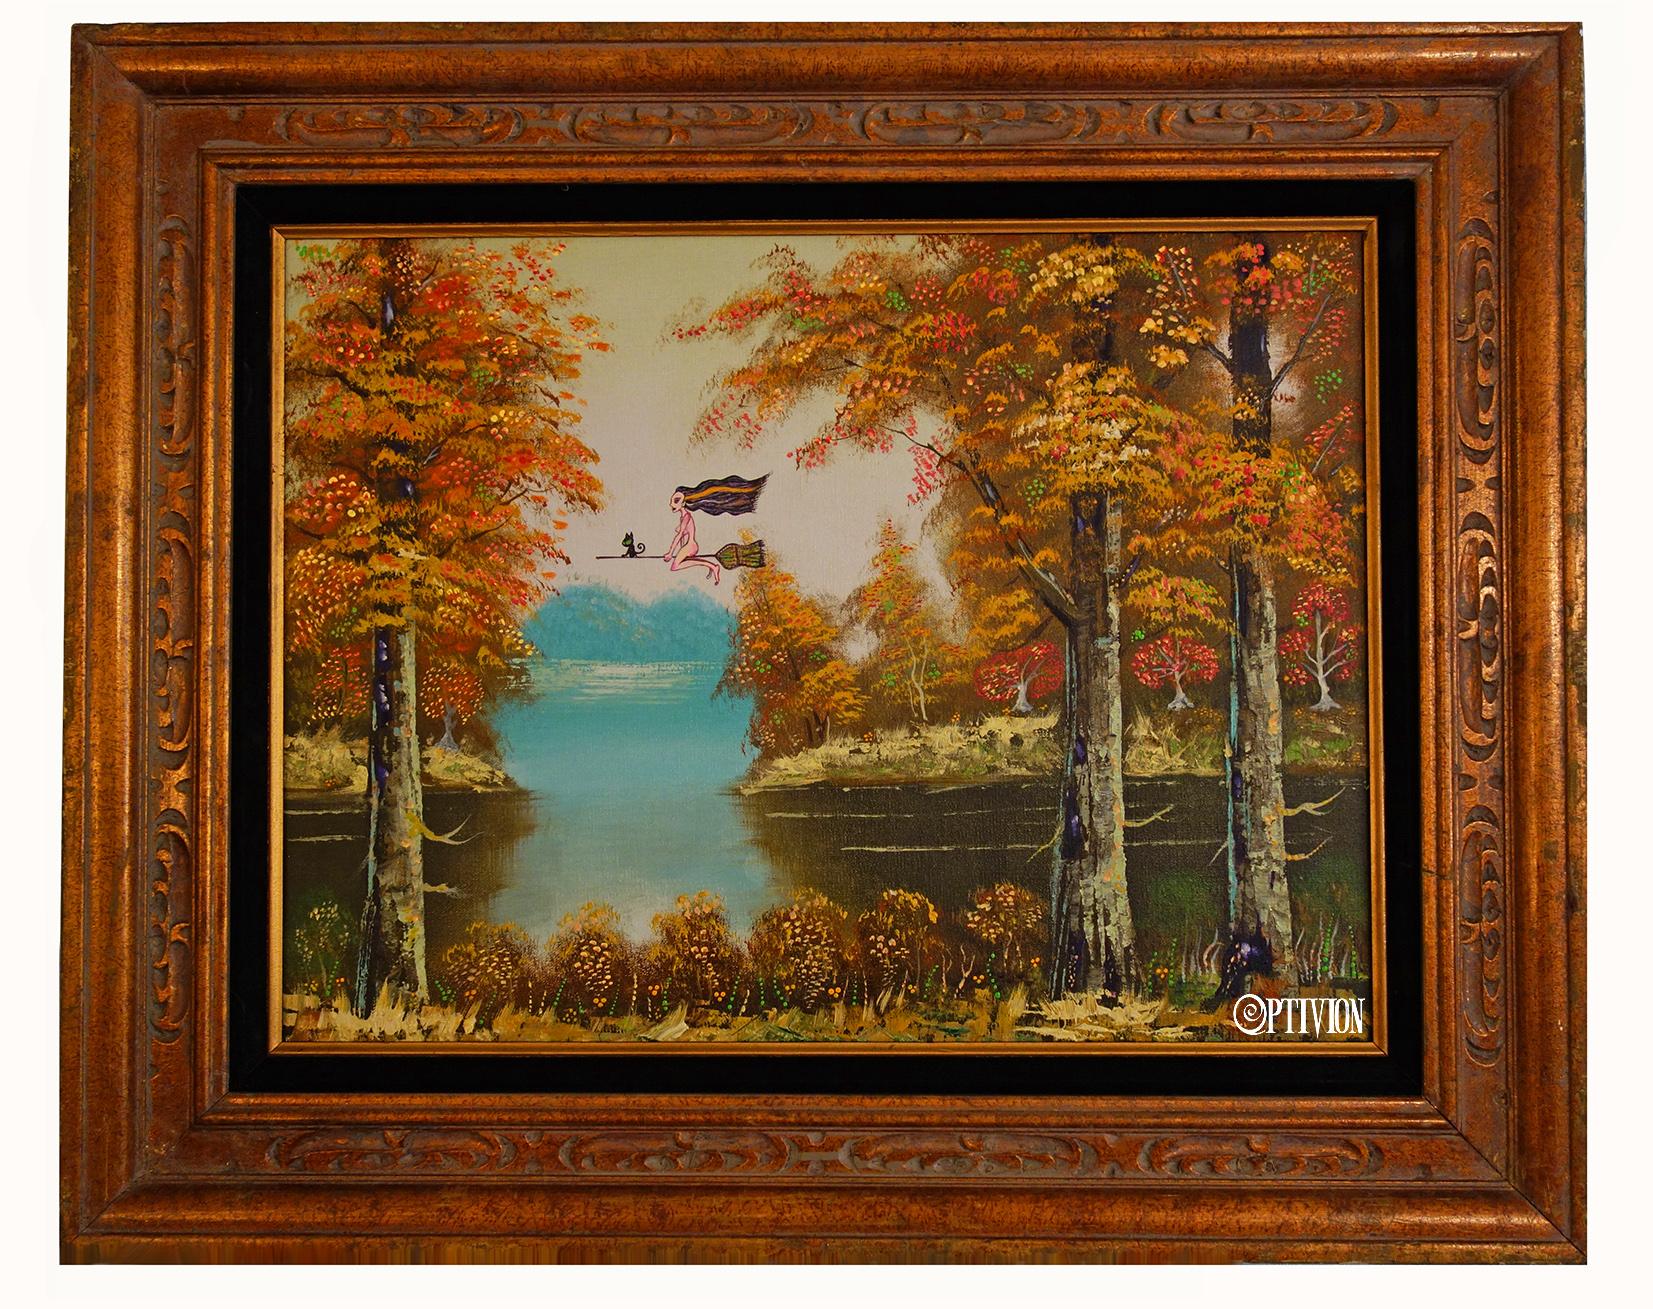 OptivioN - Autumn Has Shotgun Oil Painting